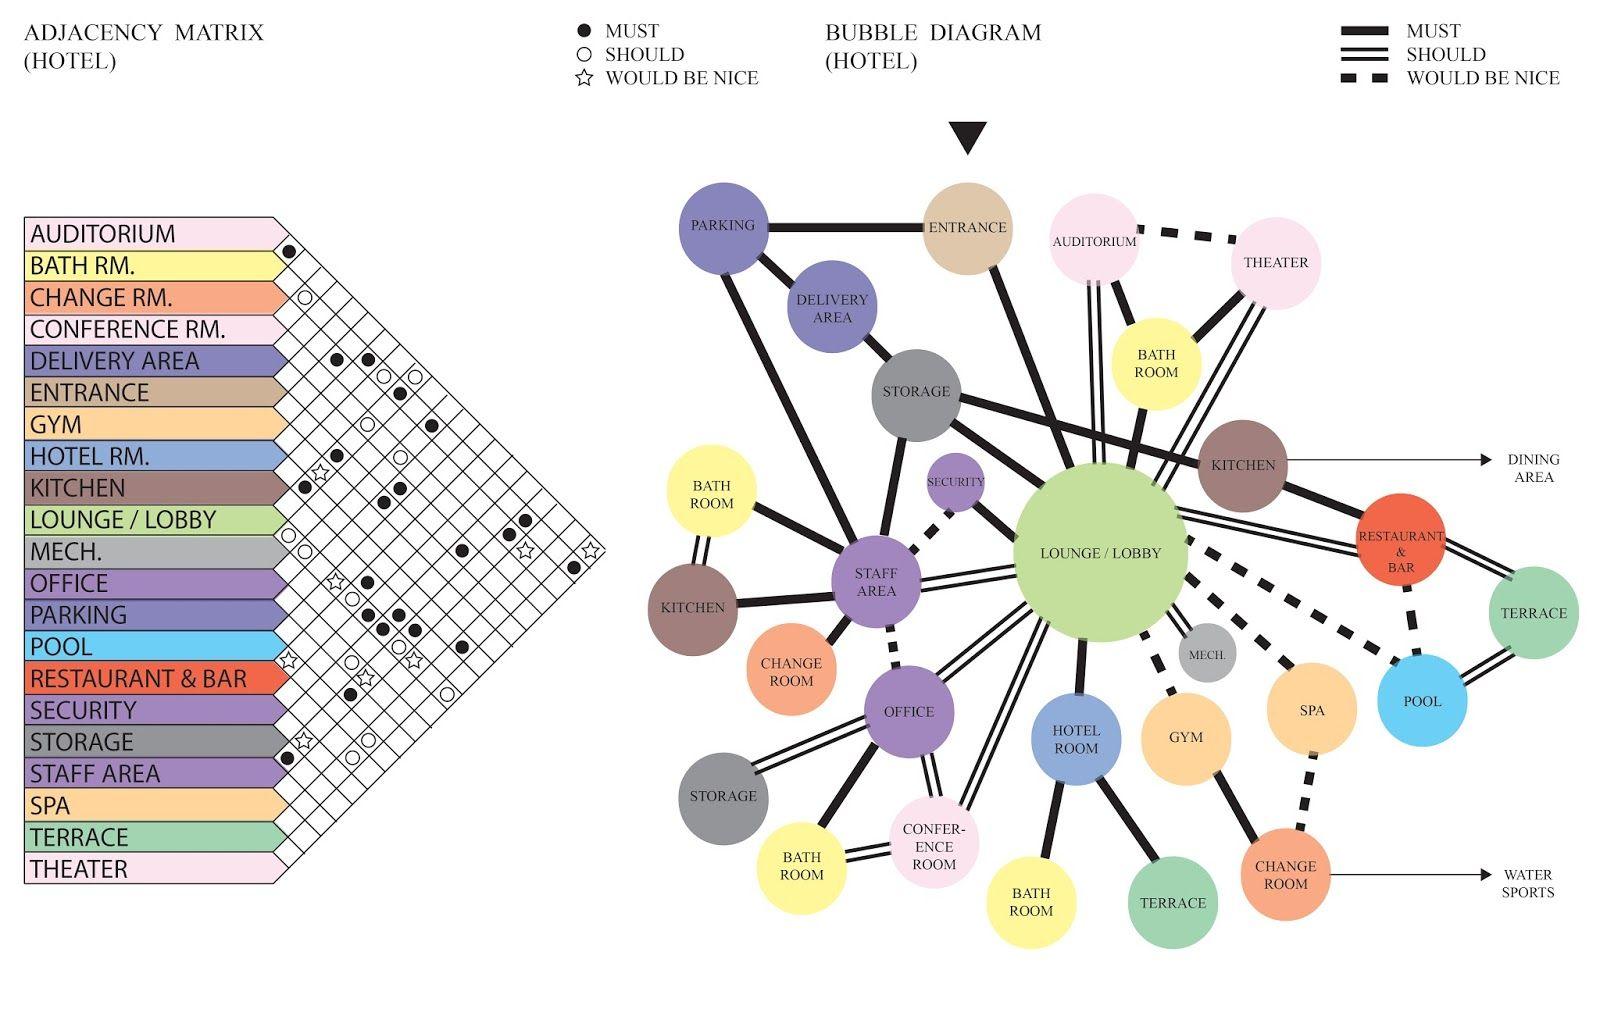 medium resolution of hotel architecture architecture program architecture design bubble diagram architecture architecture concept diagram